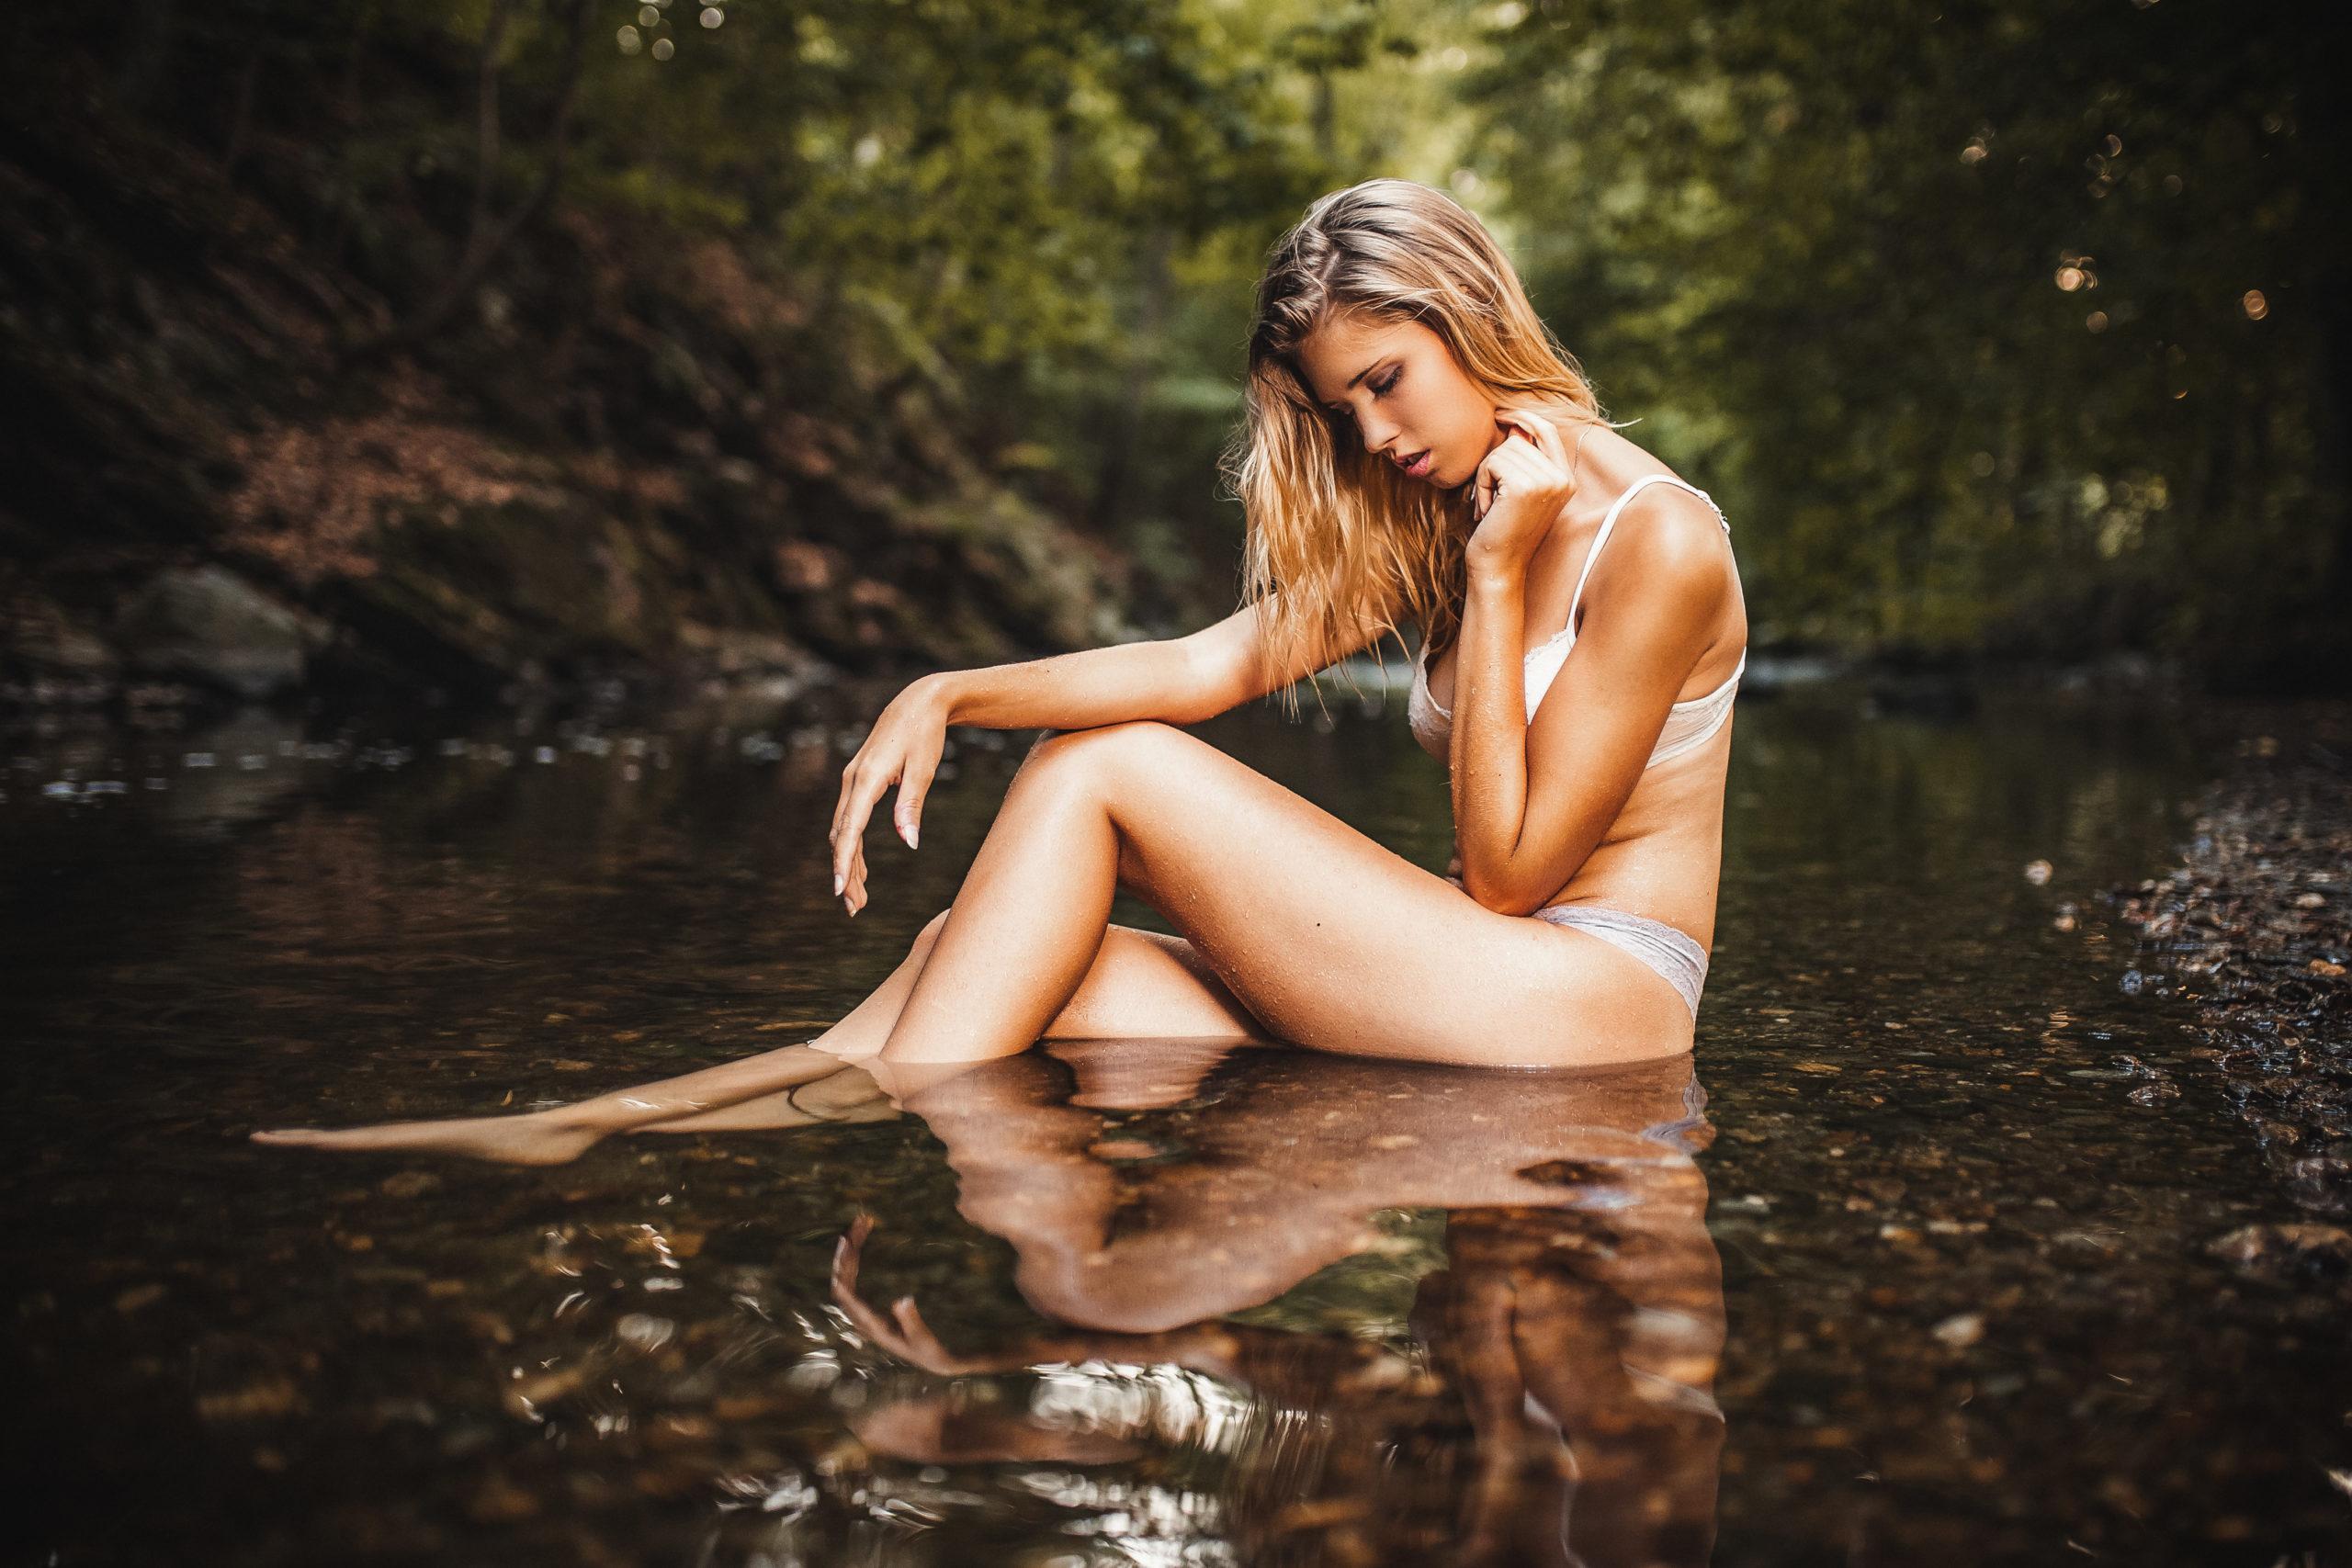 erotische Fotos in der Natur